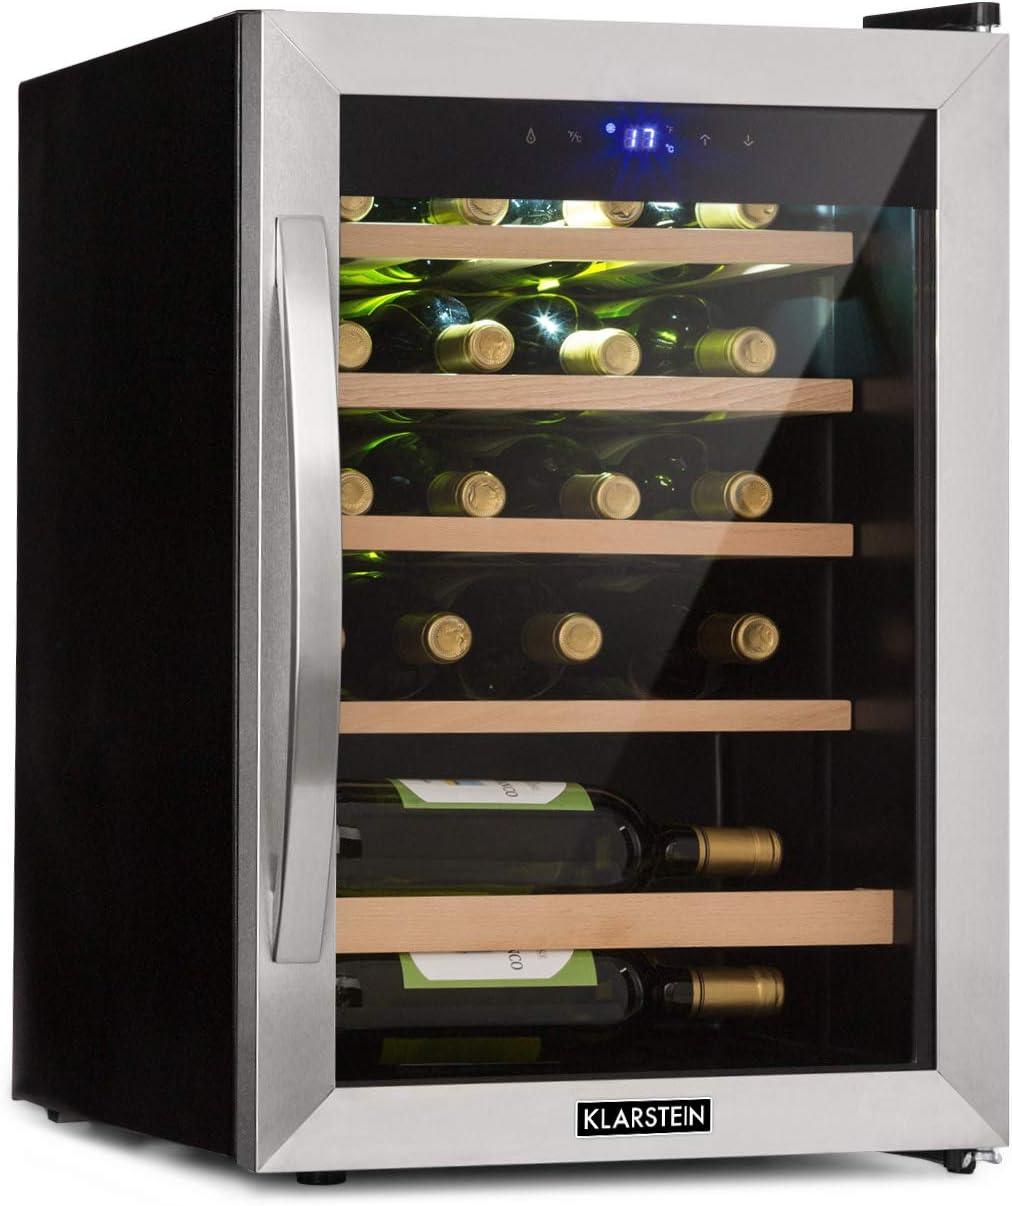 Klarstein Vinamour 19 Nevera para vinos con puerta acristalada - 19 botellas de vino, 65 L, 4-18°C, solo 39 dB, Iluminación interior, Control táctil, Marco de acero, Negro